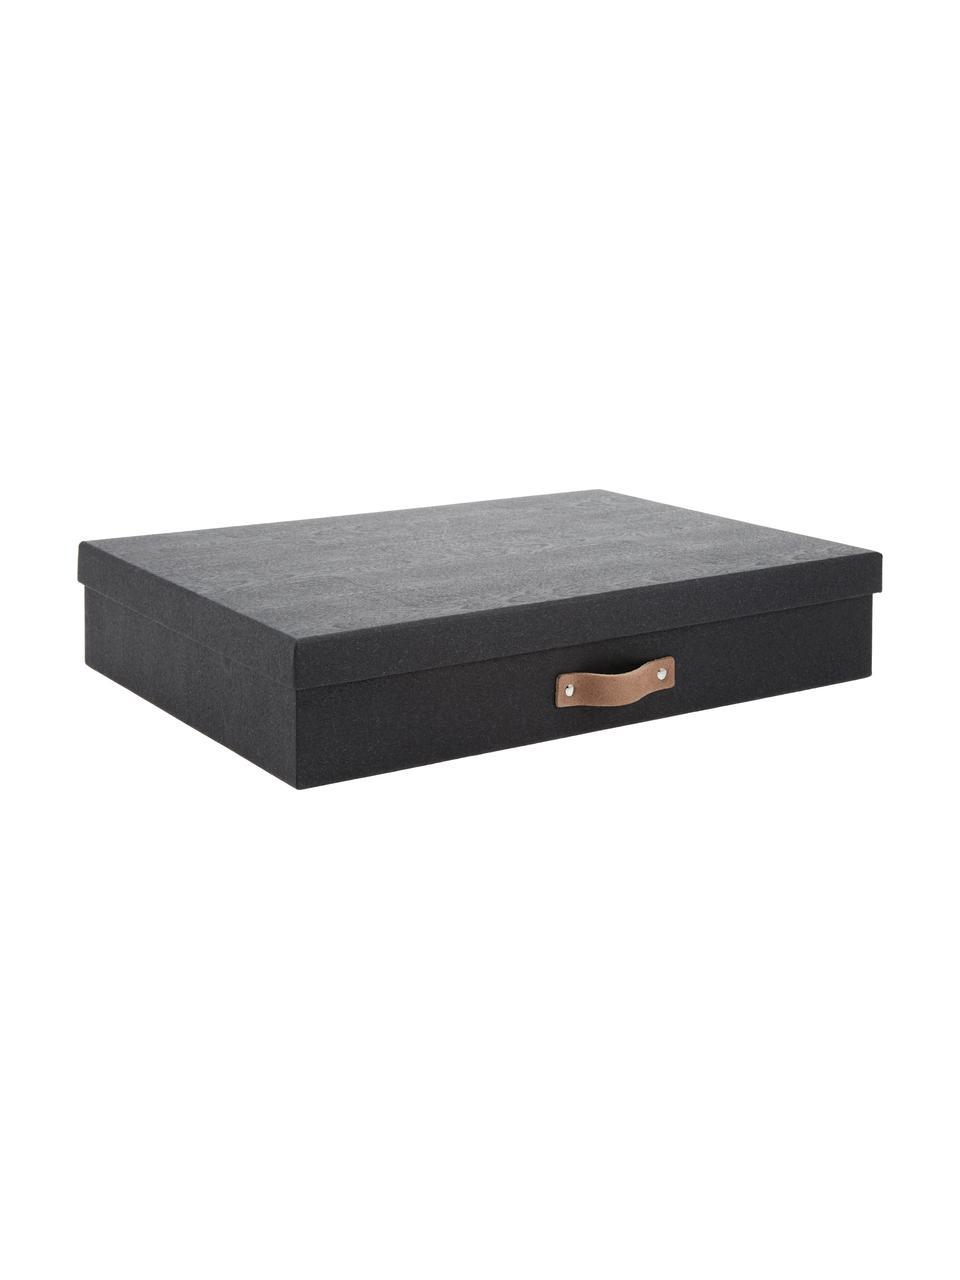 Aufbewahrungsbox Sverker II, Box: Fester Karton, mit Holzde, Griff: Leder, Organizer außen: SchwarzOrganizer innen: SchwarzGriff: Beige, 44 x 9 cm